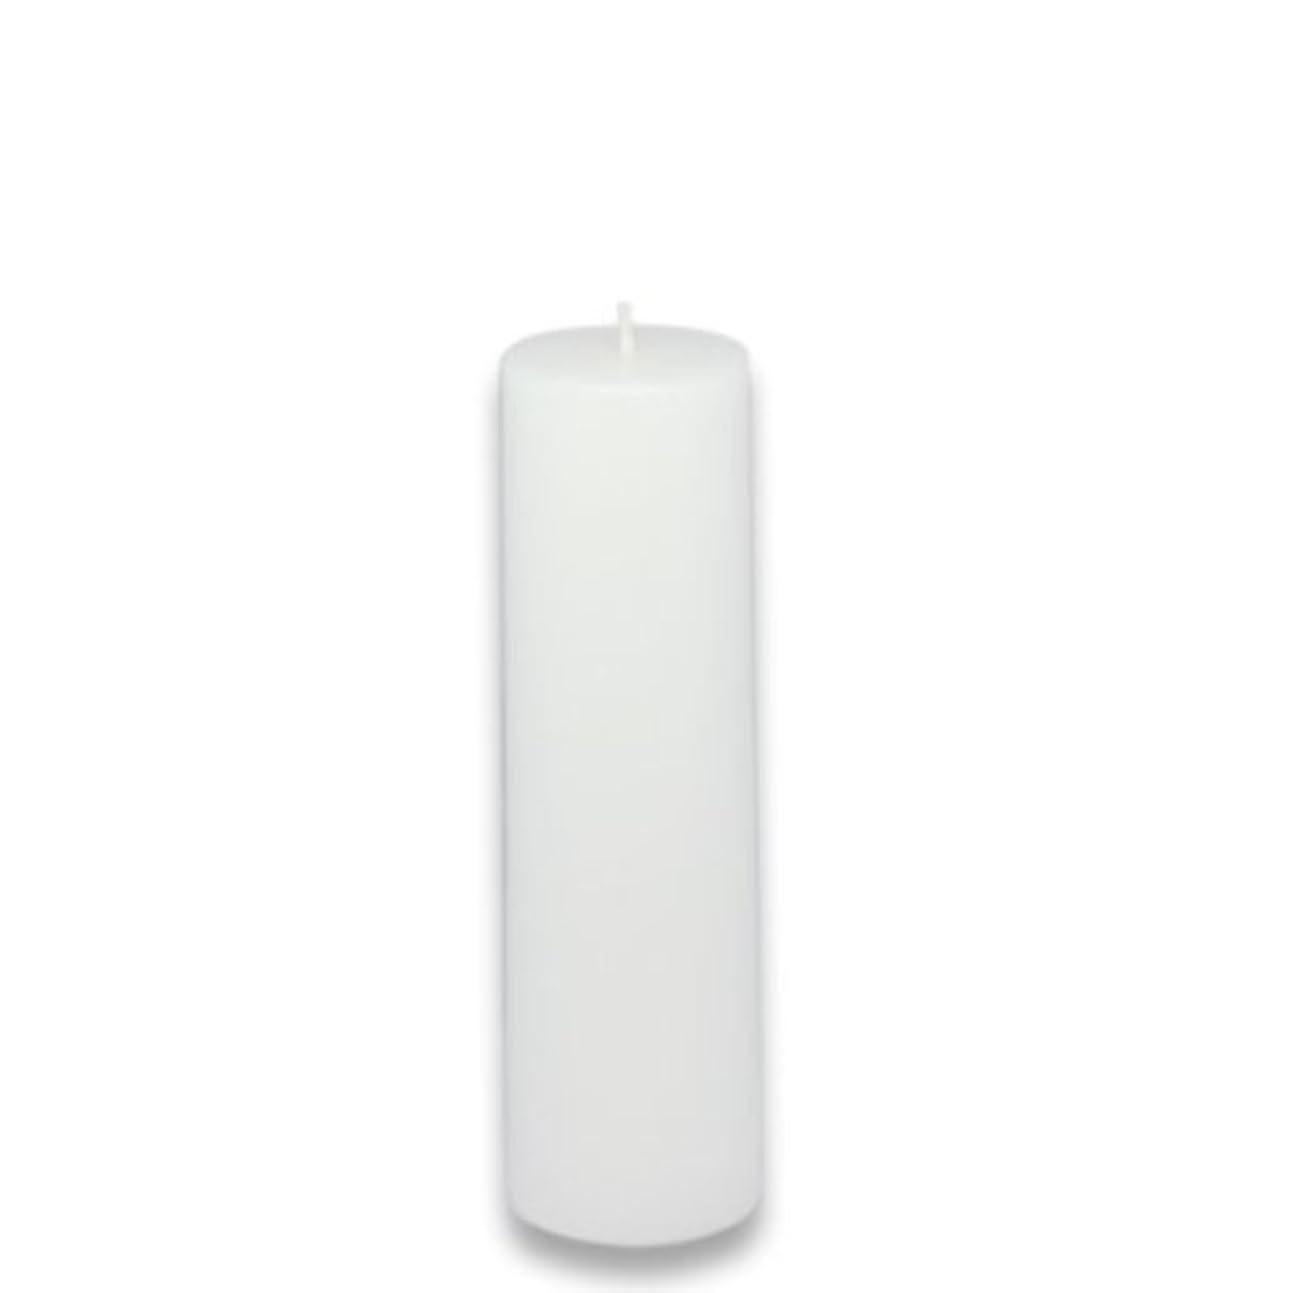 完了つかいます一Zest Candle Pillar Candle, 2 by 6-Inch, White [並行輸入品]